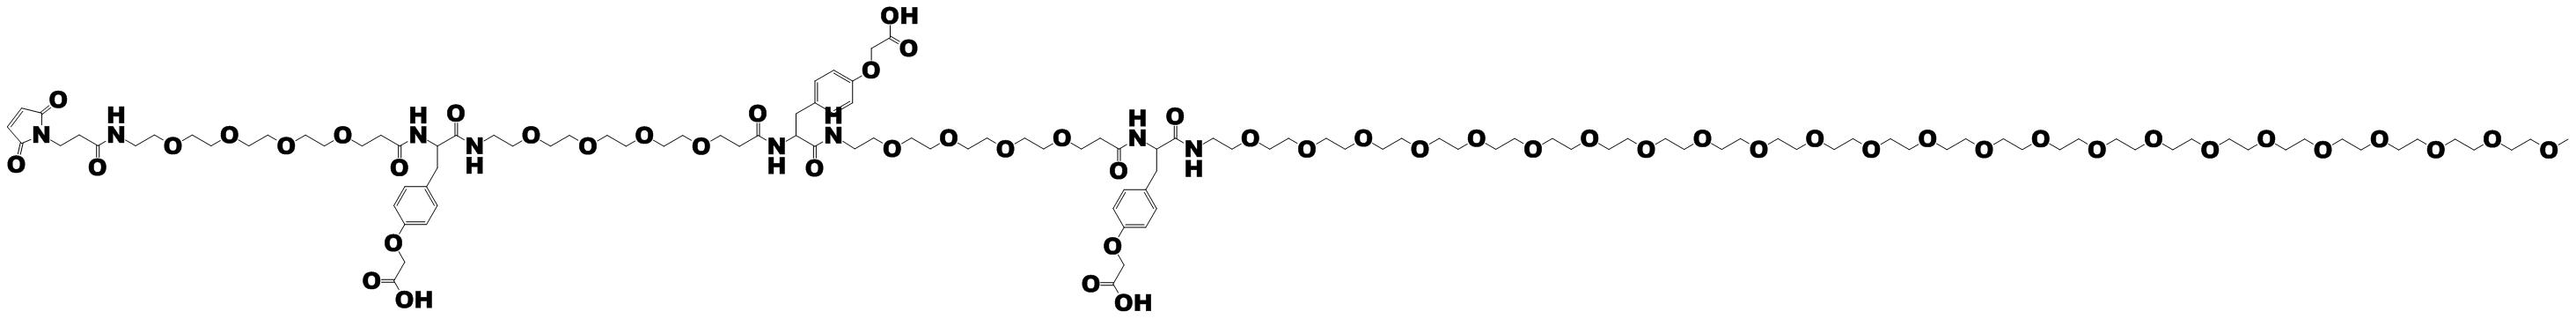 PN11567; MAL-(NH-dPEG4-Tyr(CH2-CO2H))3-NH-m-dPEG24